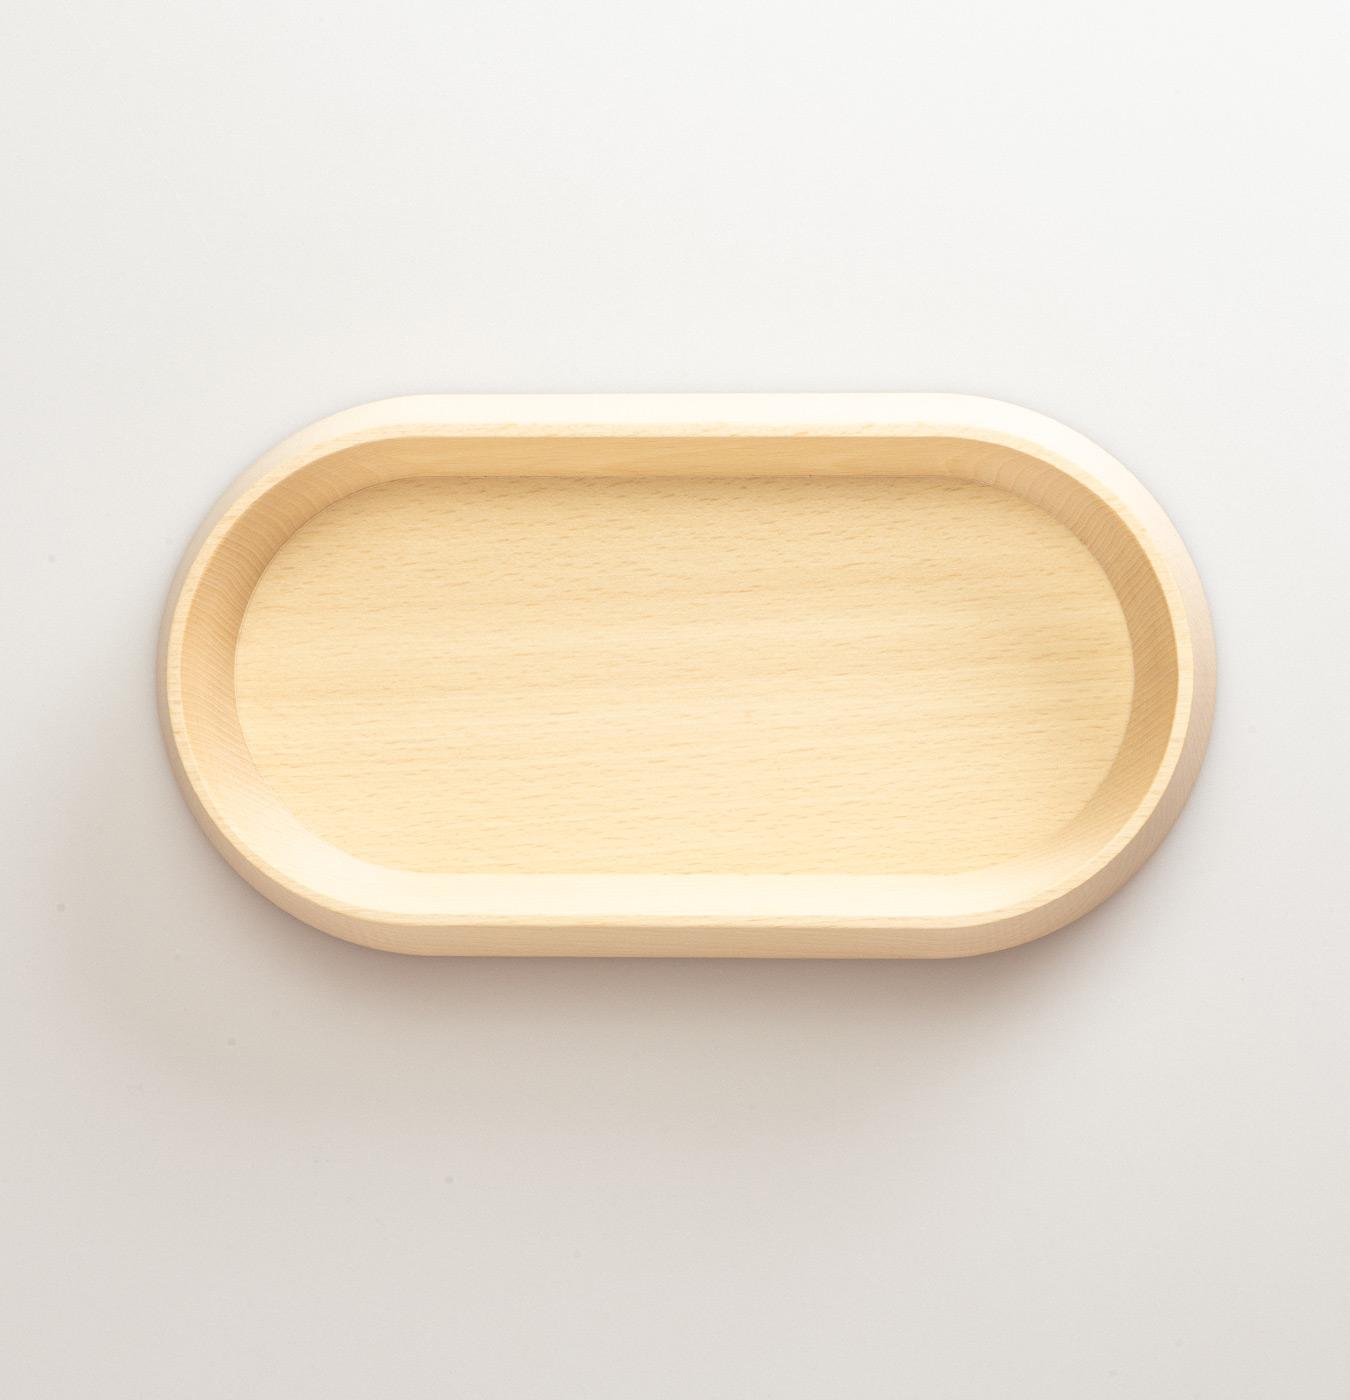 Svuotatasche in legno di faggio